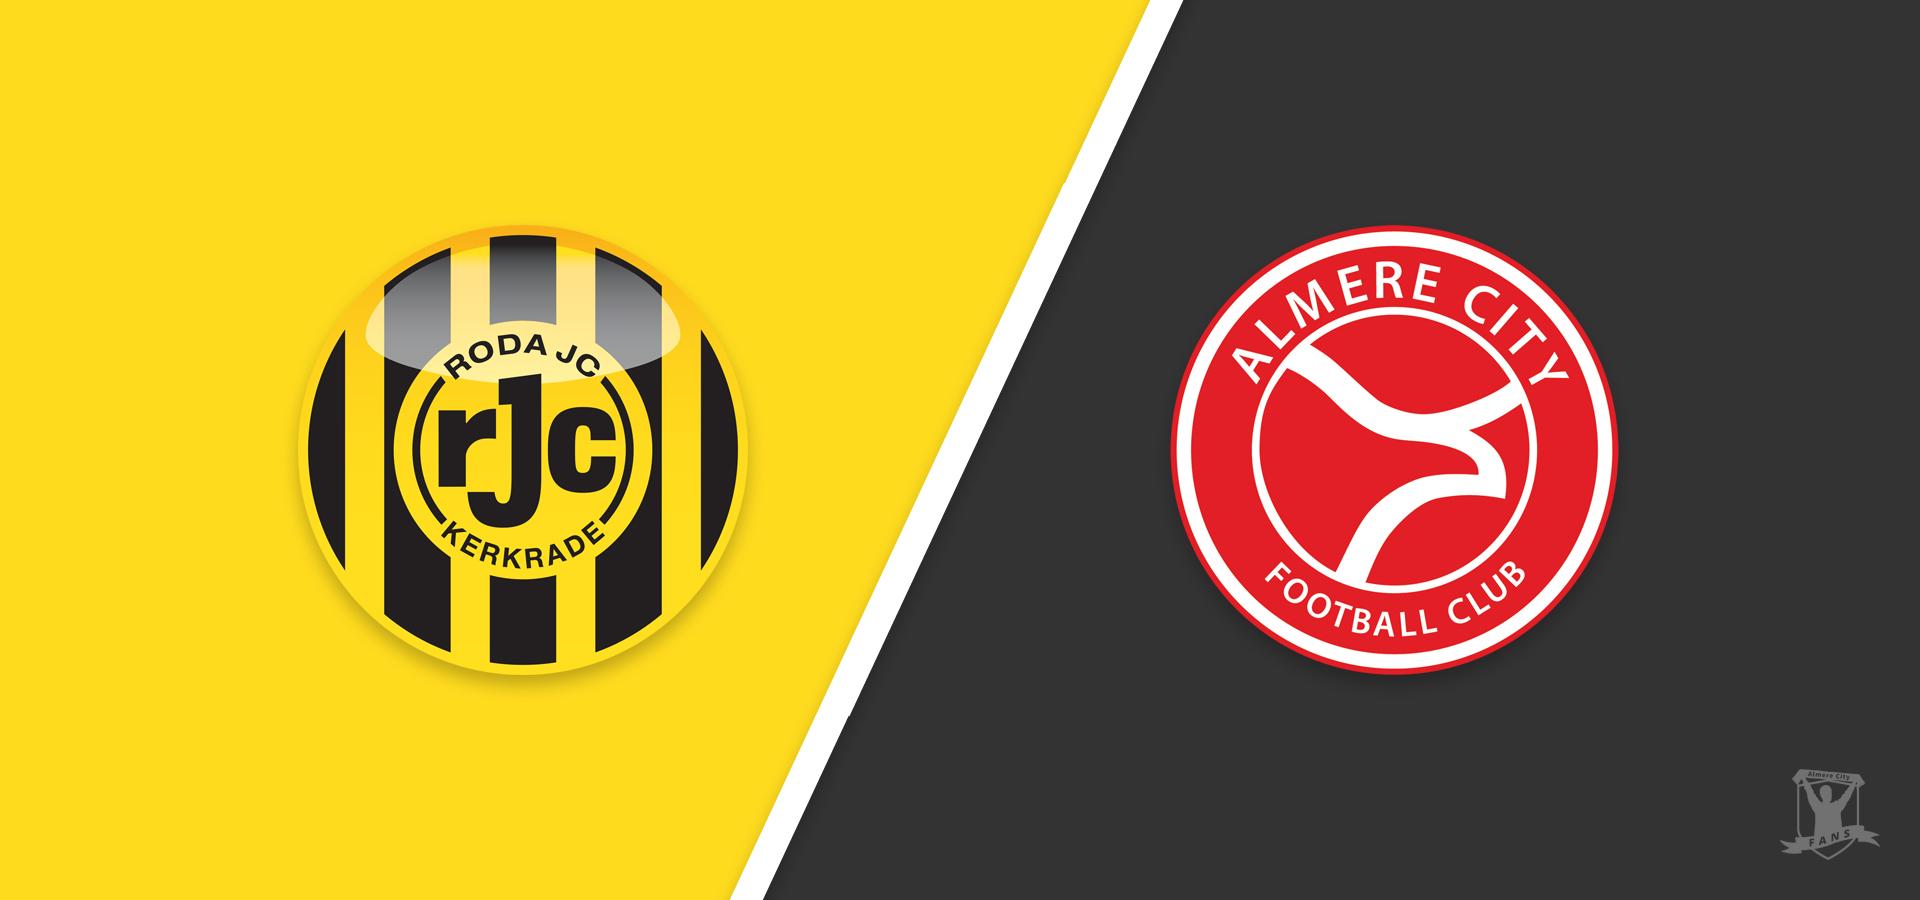 Voorbeschouwing: Almere City FC op jacht naar 3 punten tegen Roda JC